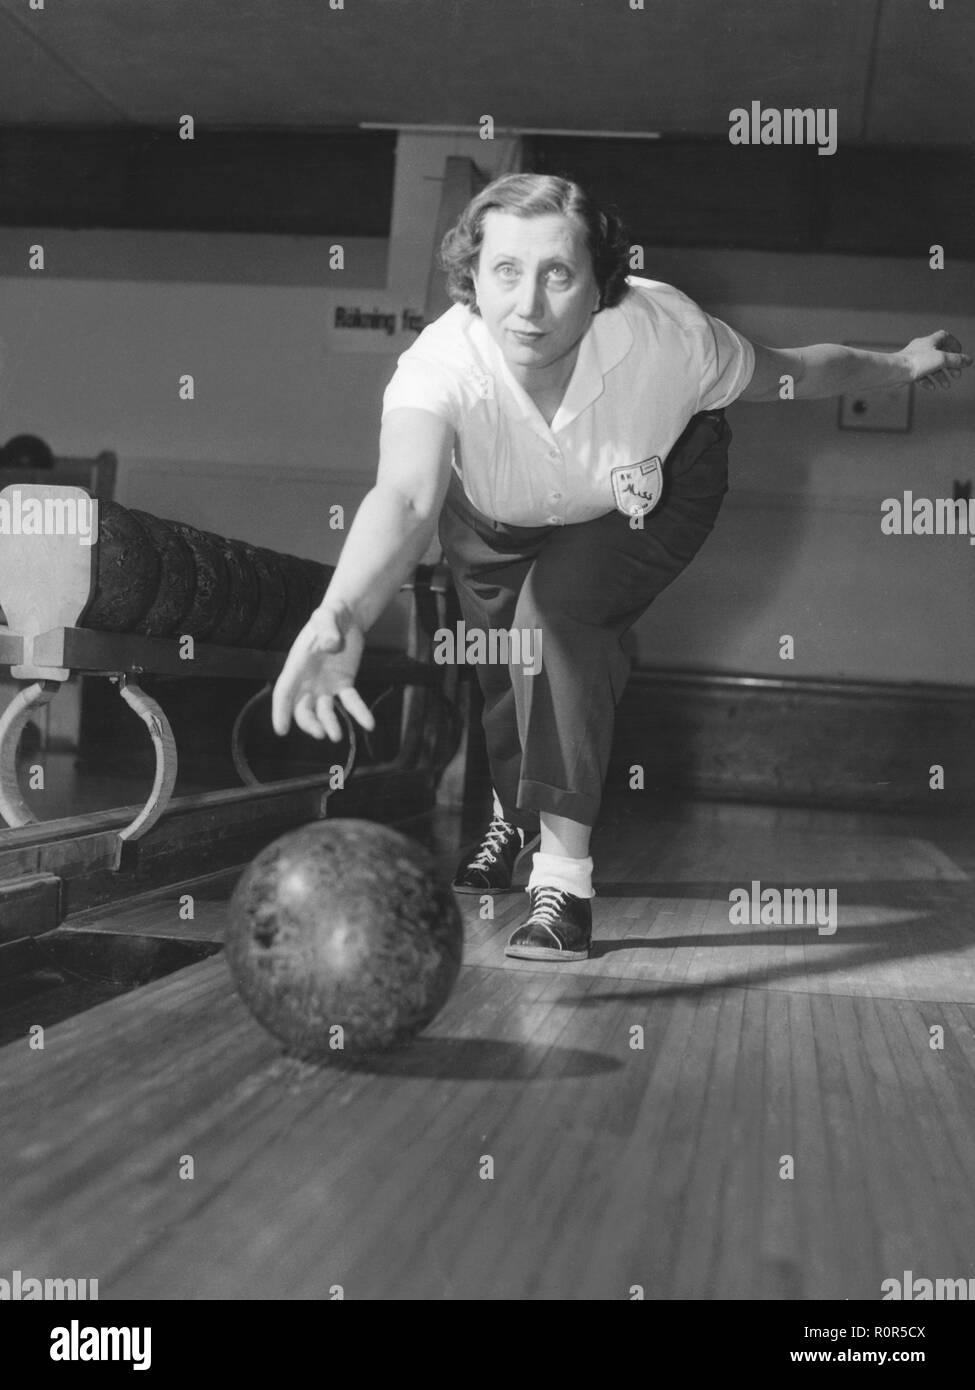 Bowling in den 1950er Jahren. Frauen bowler Maja Tuvesson die Kugel an einem Turnier 1956 wirft. Schweden Stockbild